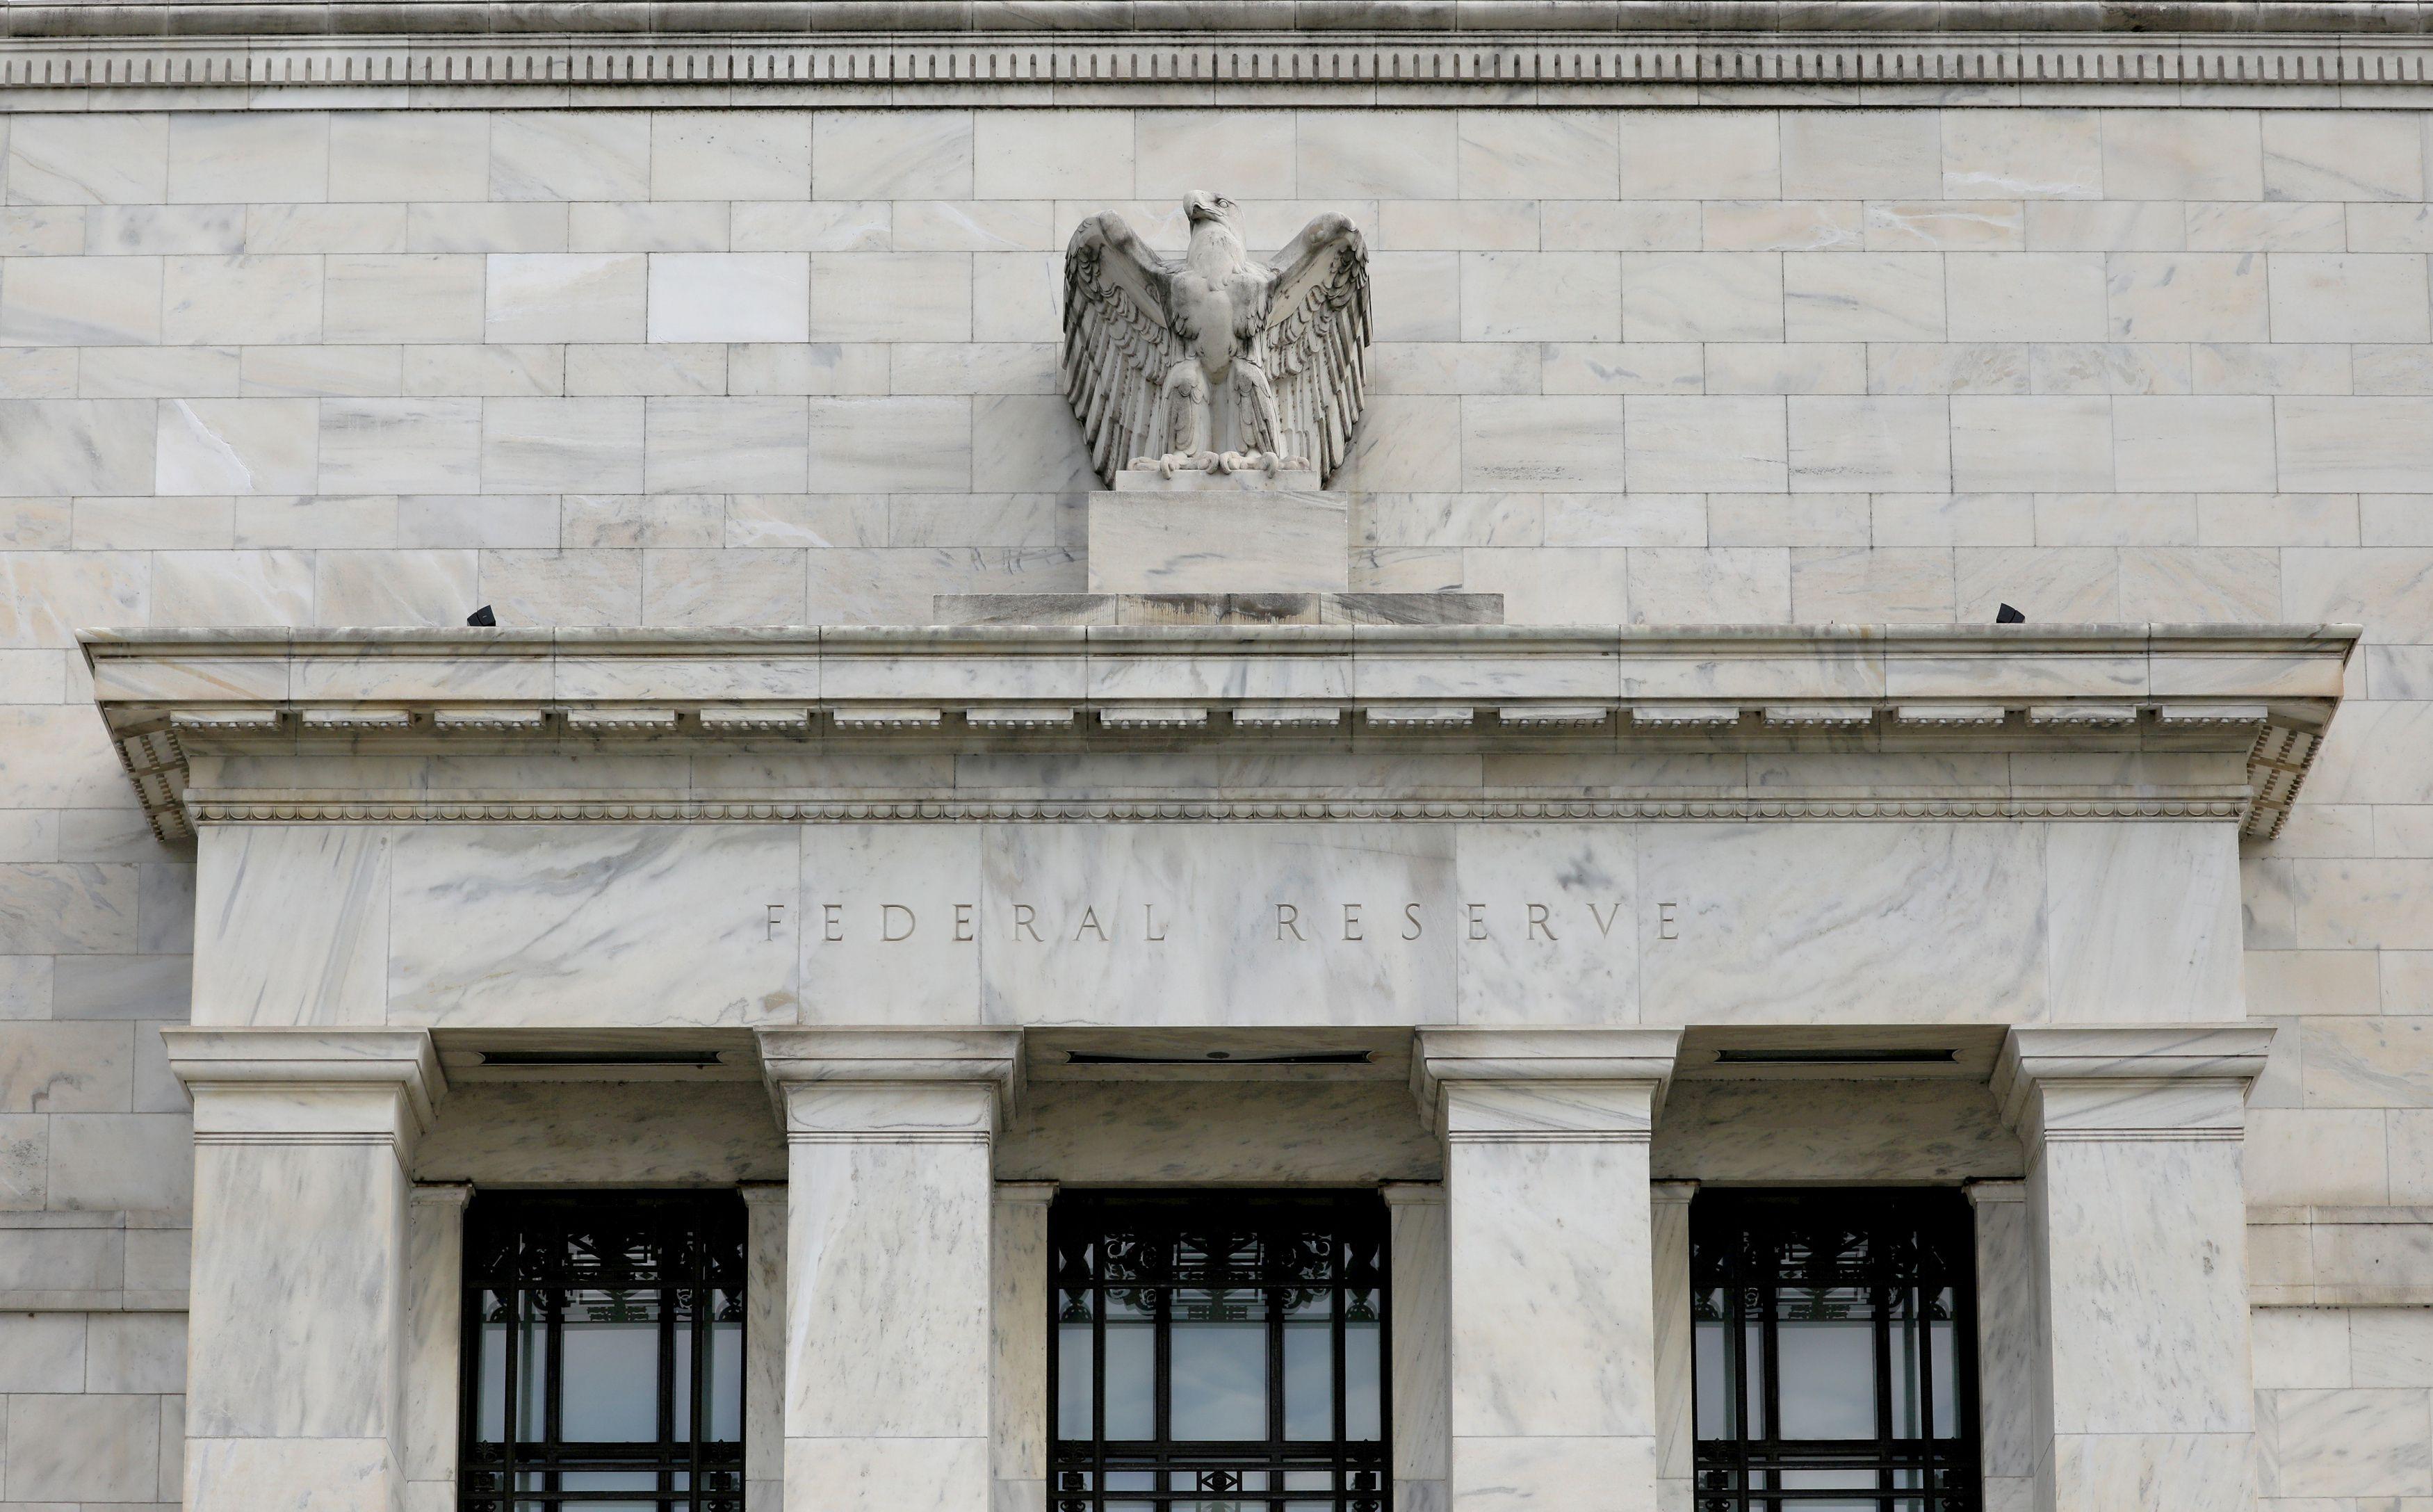 Tasas de interés artificialmente bajas (por debajo de la tasa de preferencia temporal de la sociedad) es el recurso preferido de la FED y de la mayoría de los Bancos Centrales del mundo (Reuters)